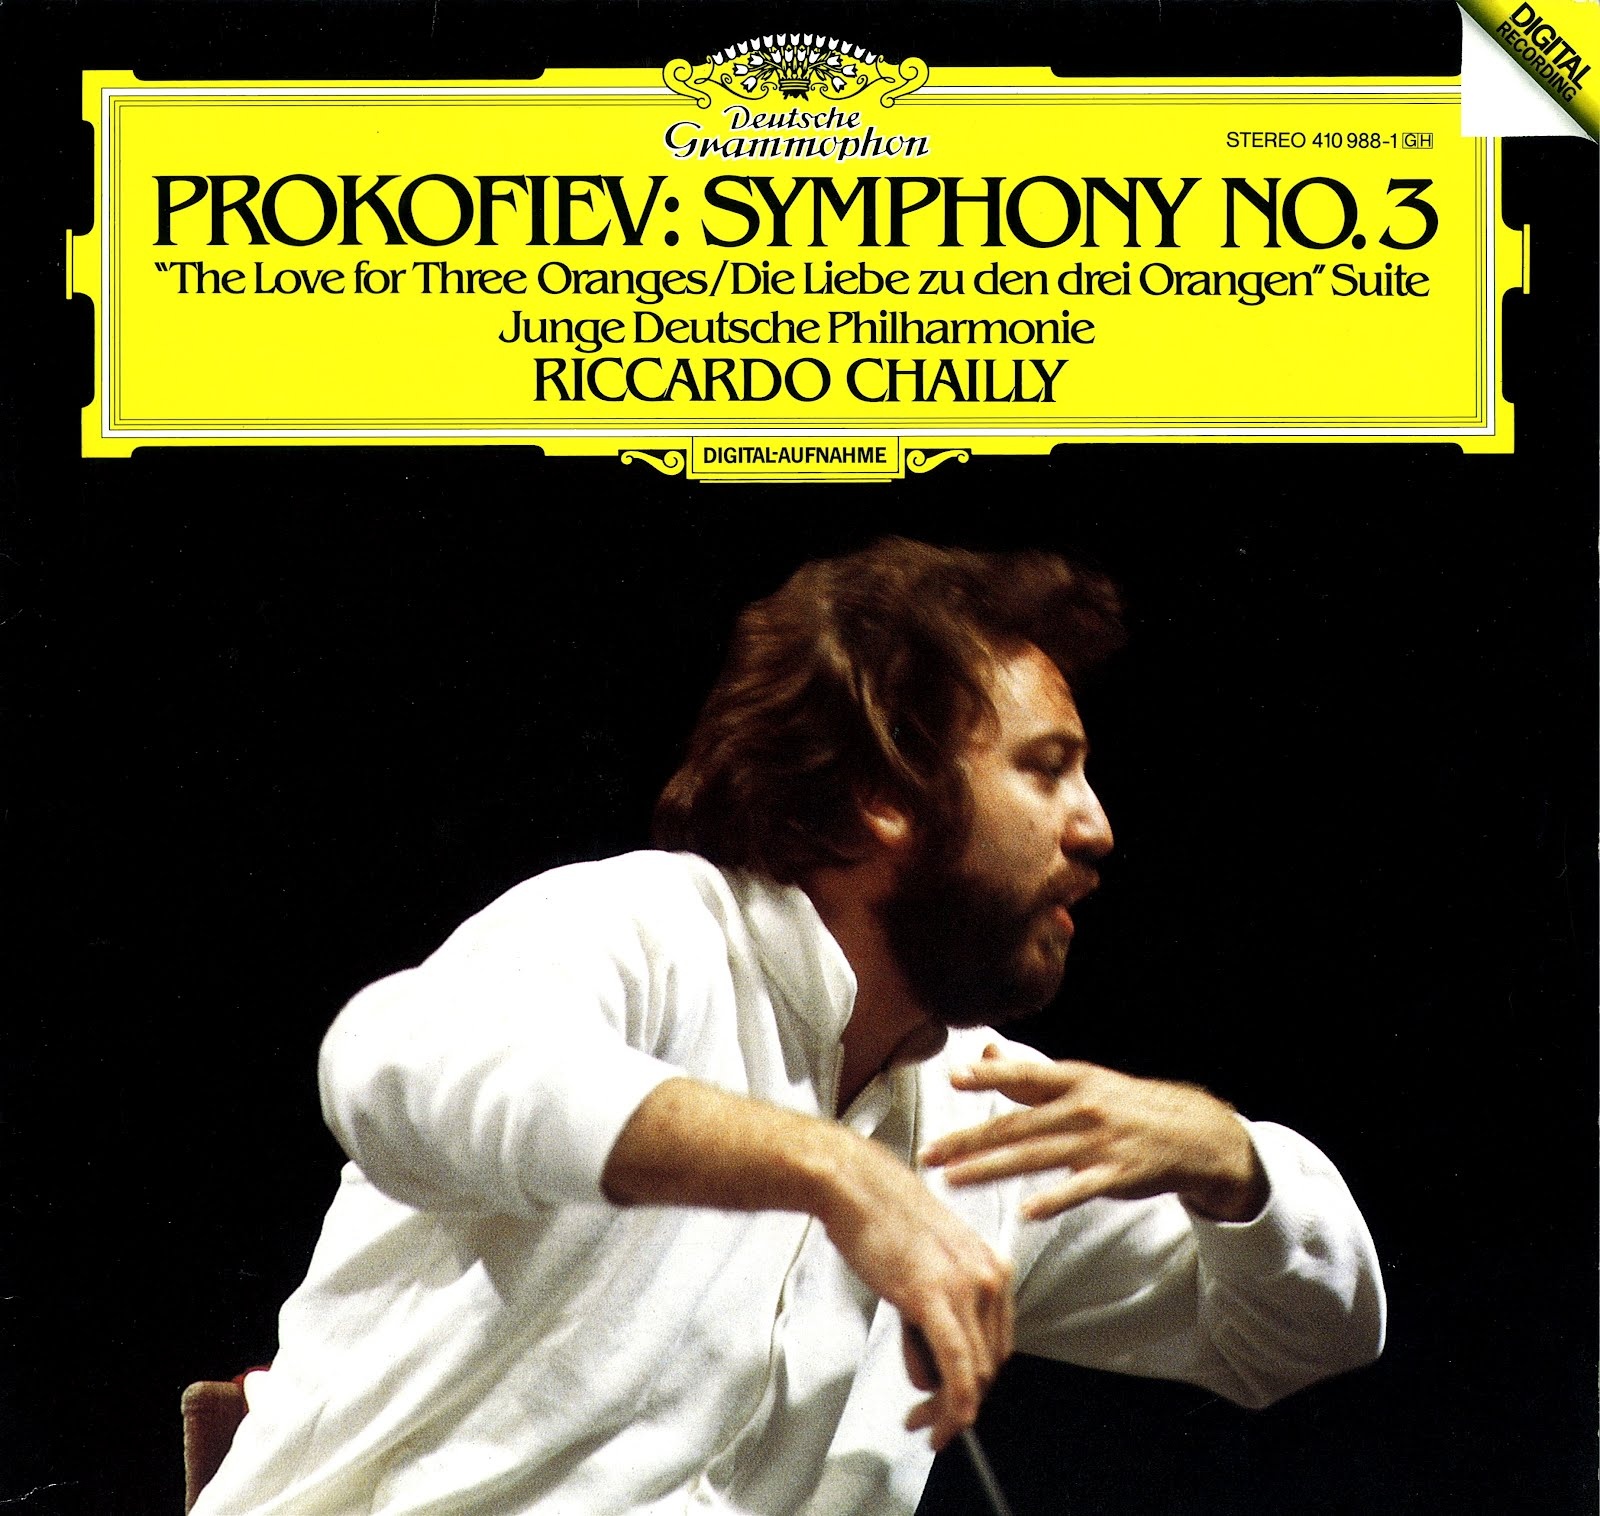 Les symphonies de Prokofiev - Page 5 Cover